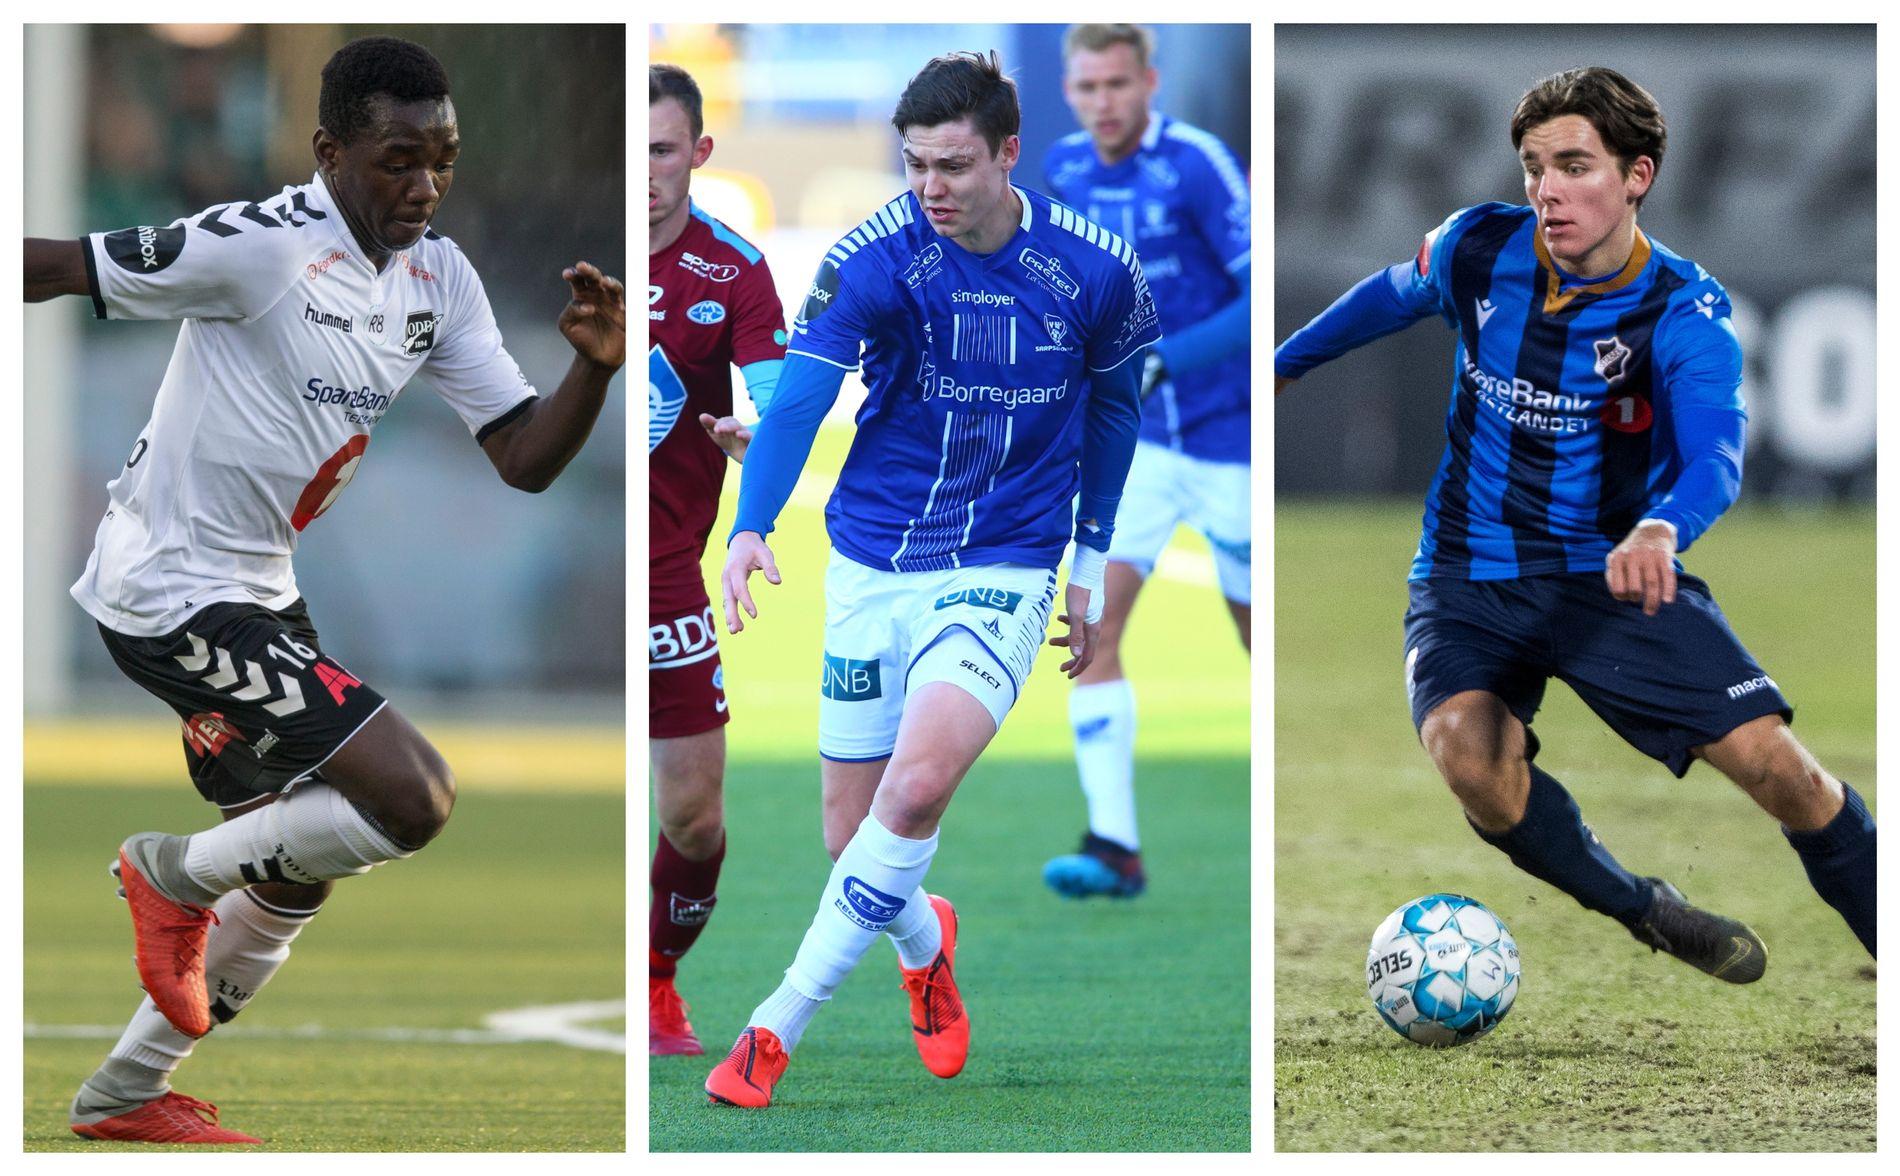 FORSVINNER: Odds Joshua Kitolano, Sarpsborg 08s Jørgen Strand Larsen og Stabæks Hugo Vetlesen er blant spillerne som trolig reiser til mesterskap i mai og juli.